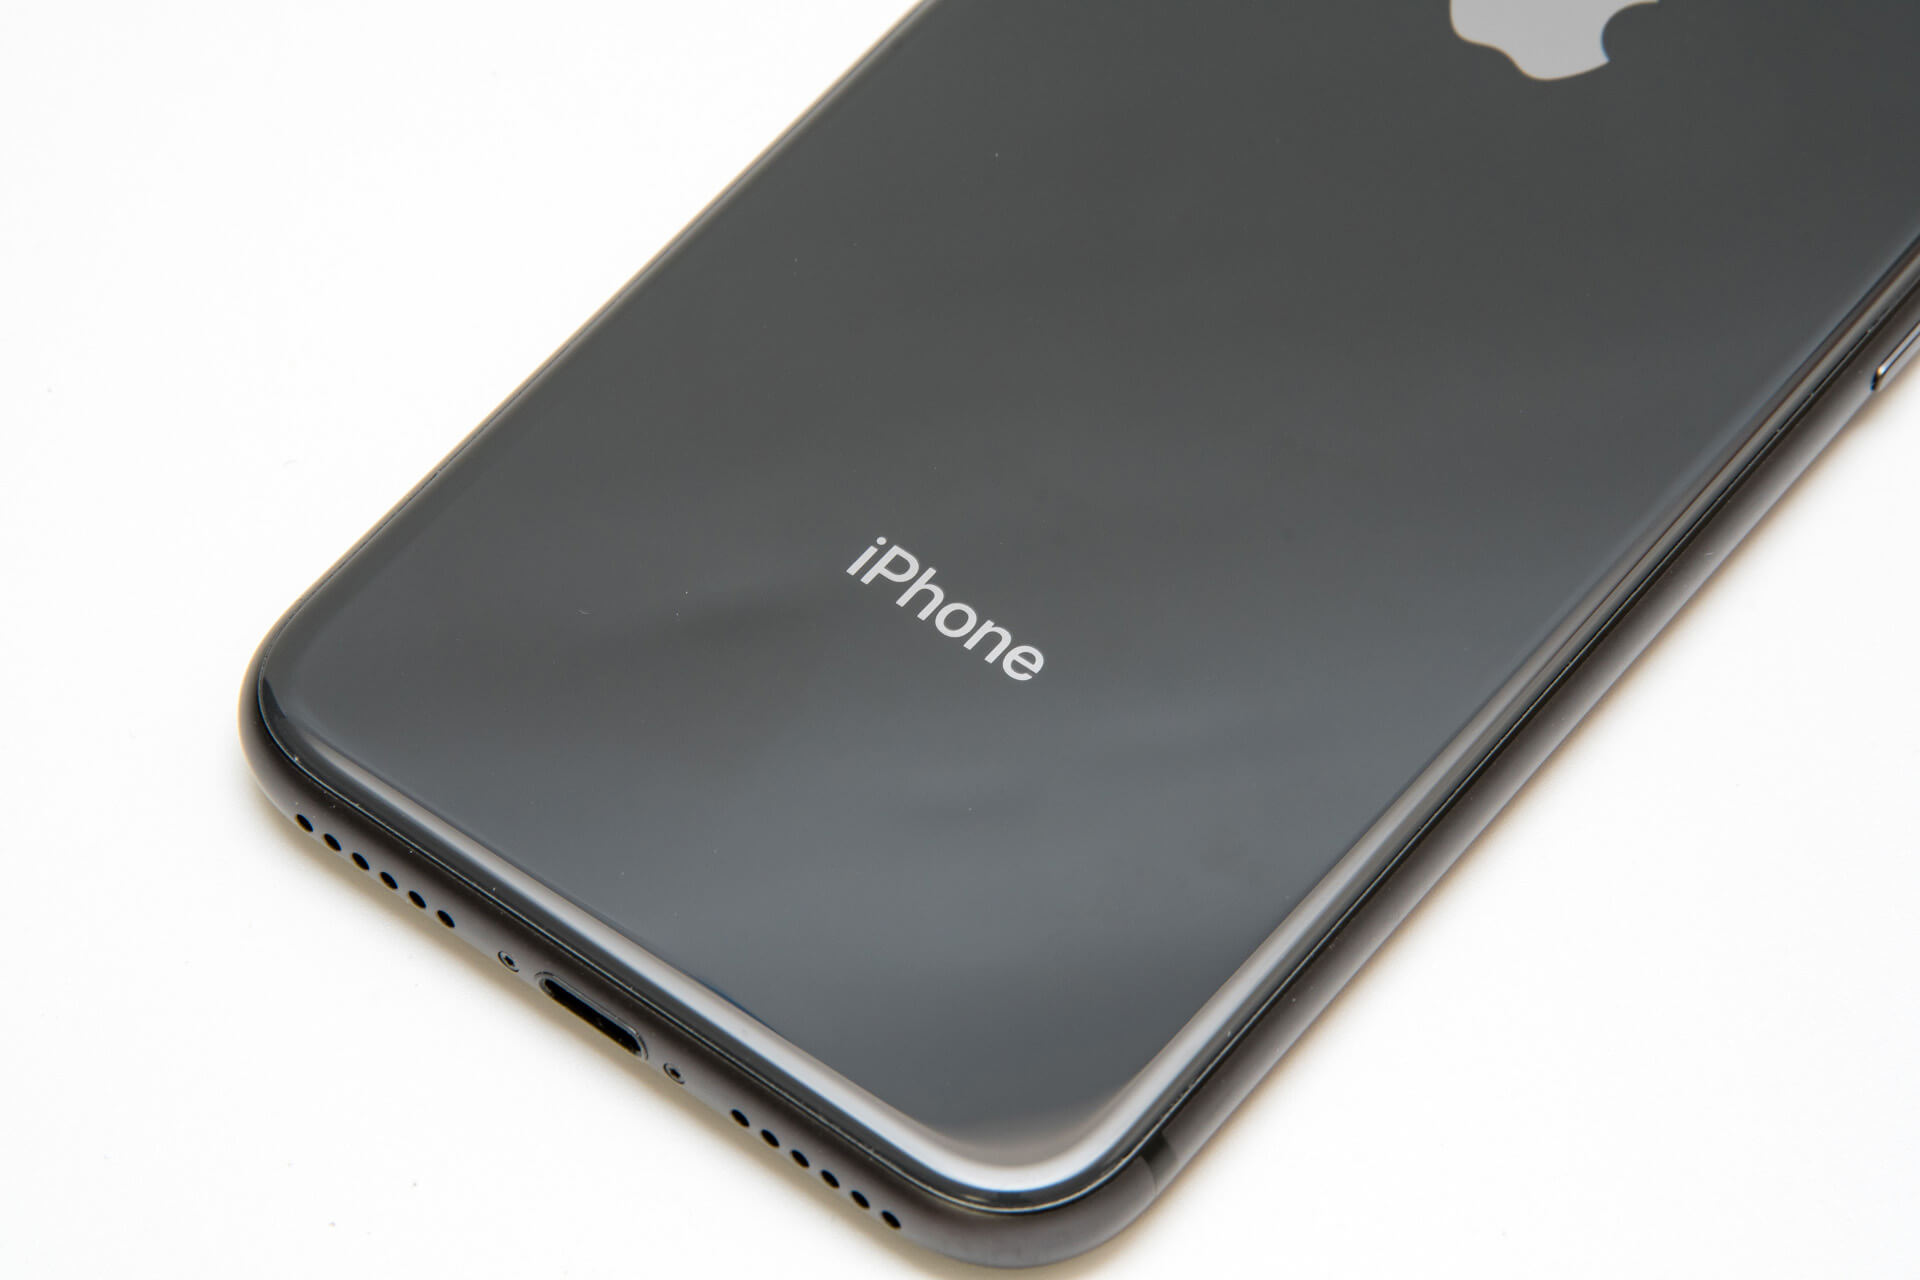 iPhone 8 デザイン 外観 レビュー